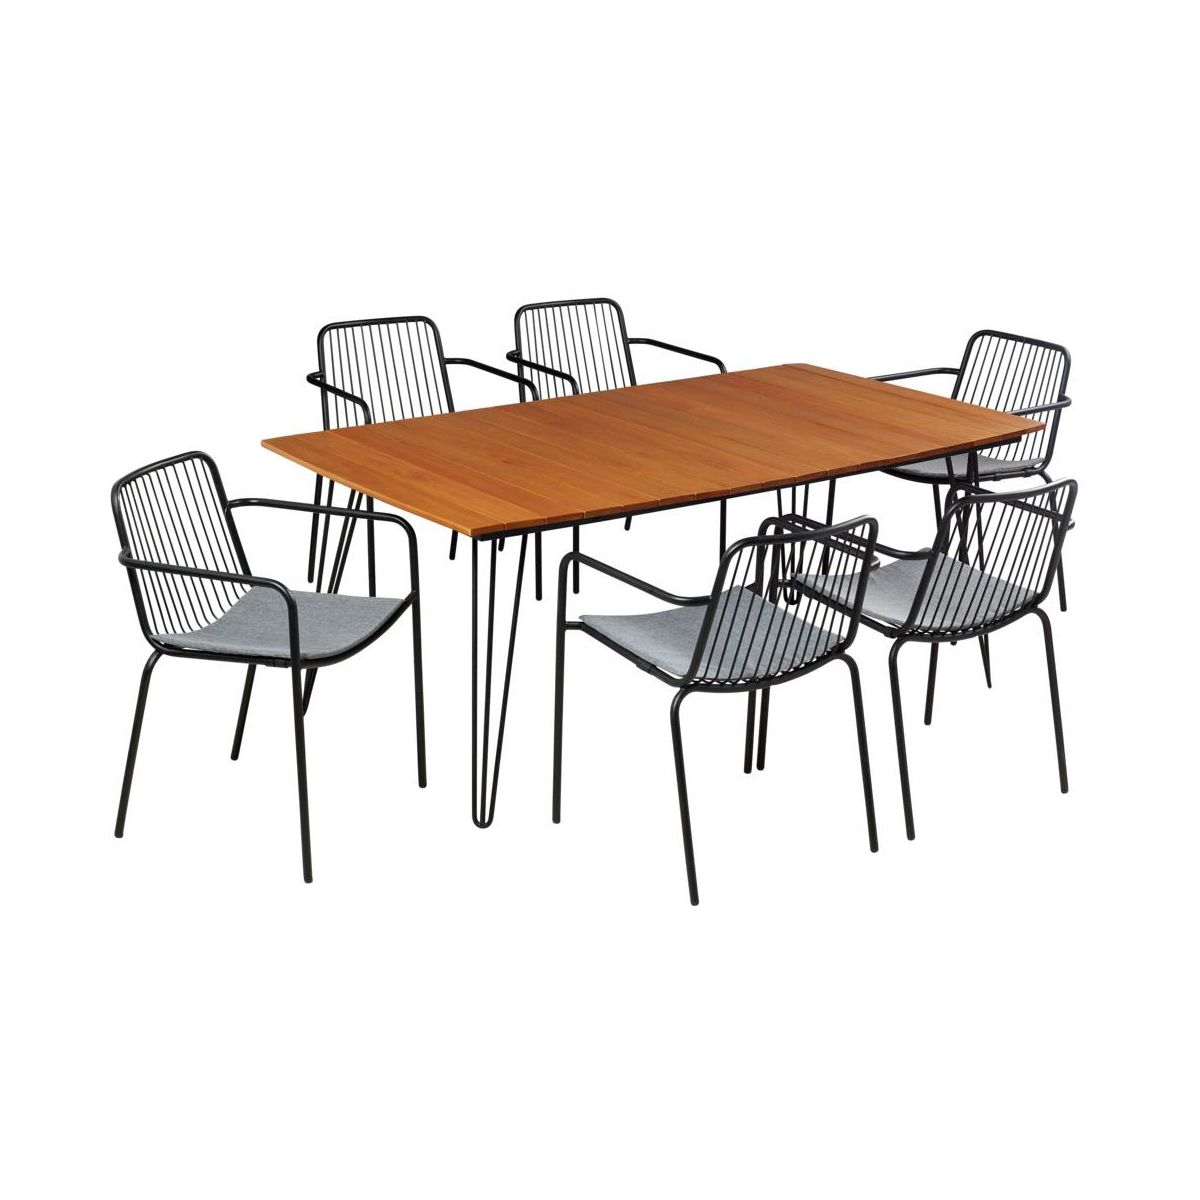 Krzeslo Ogrodowe Zoe Stalowe Czarne Krzesla Fotele Lawki Ogrodowe W Atrakcyjnej Cenie W Sklepach Leroy Merlin